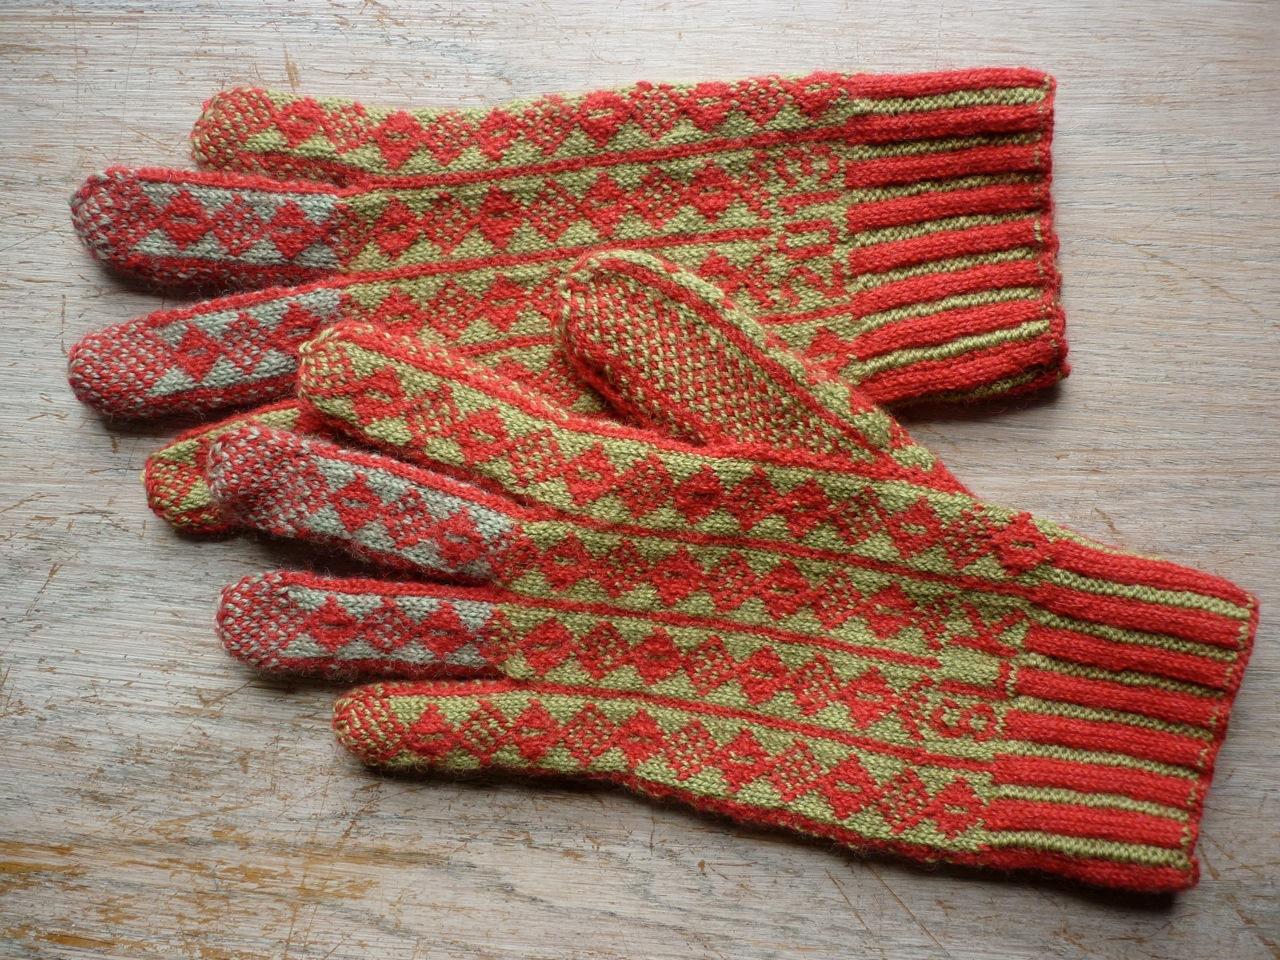 Steve glove